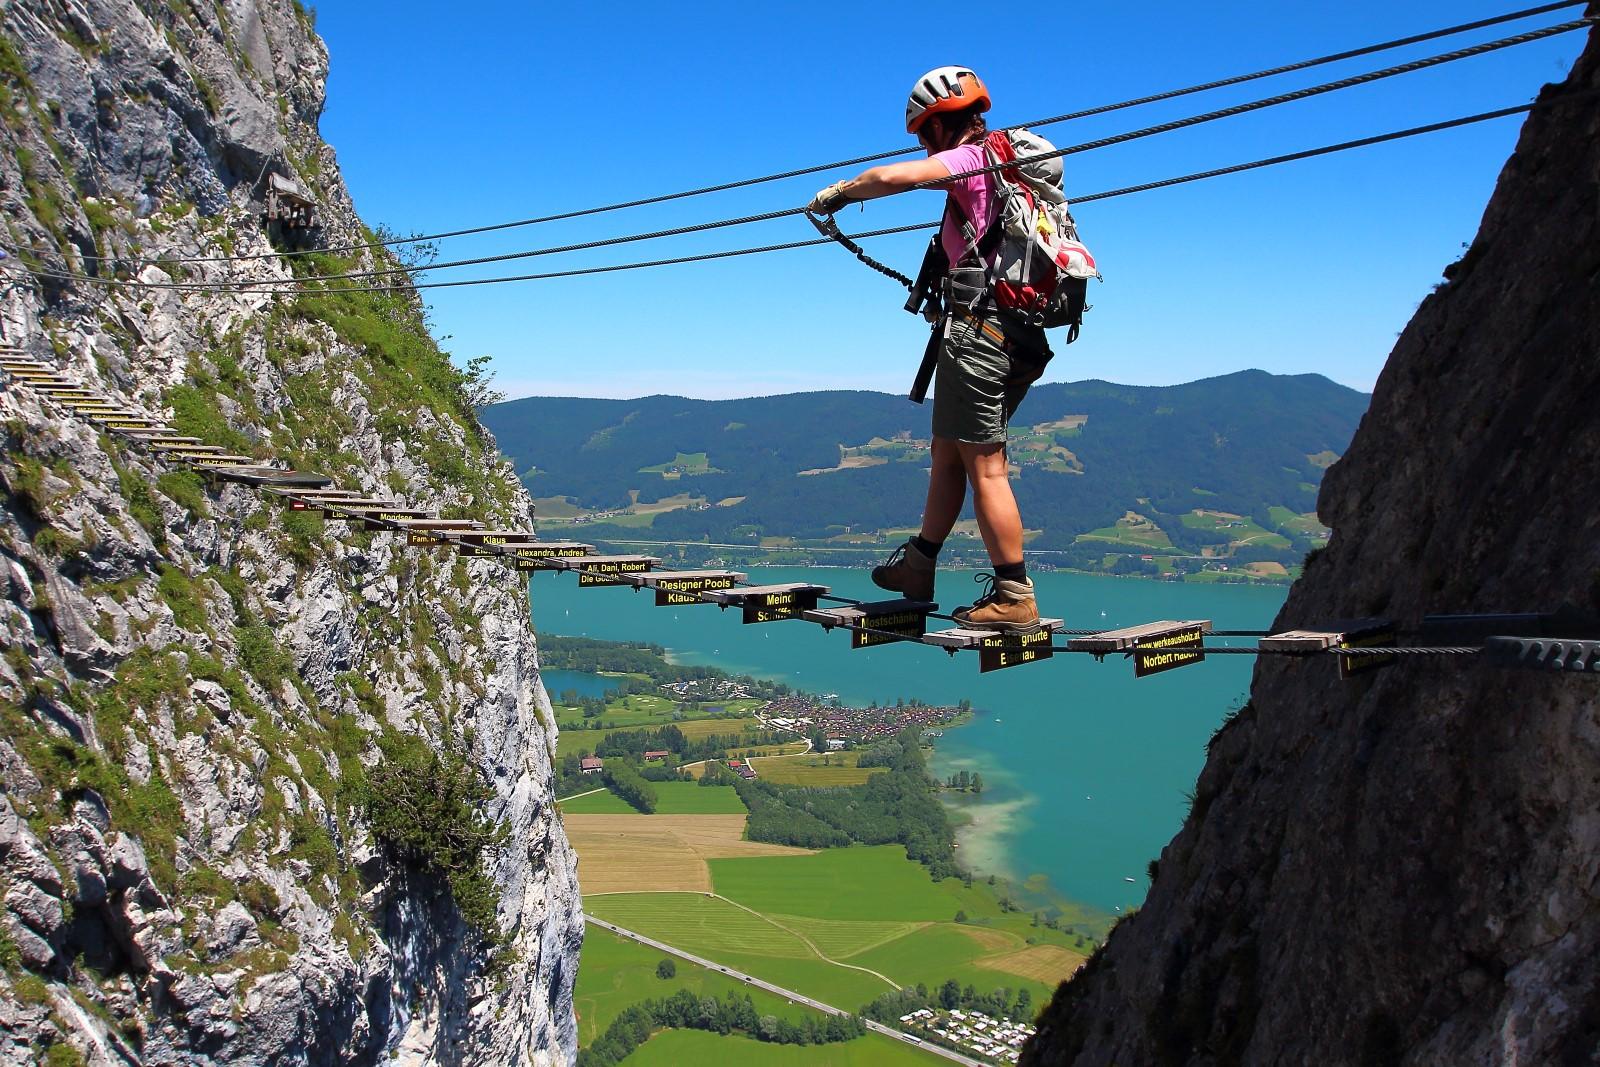 Klettersteig Mondsee : Hany výstup drachenwand klettersteig st lorenz rakousko